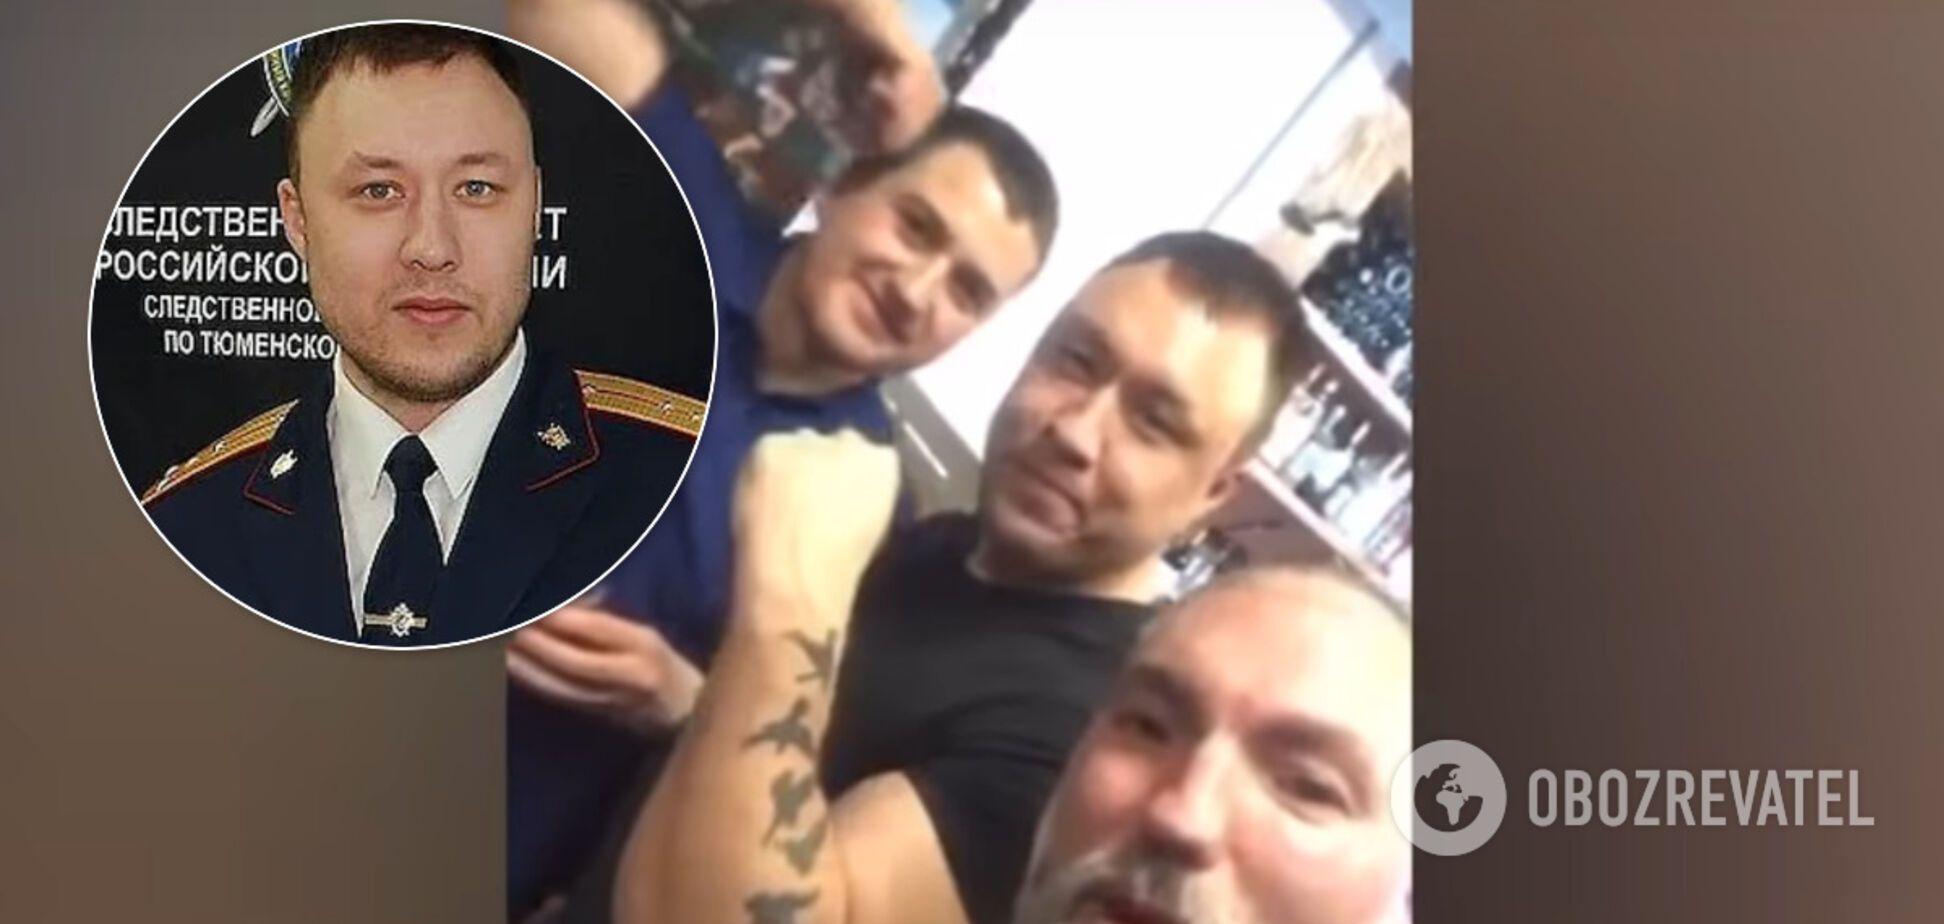 У Тюмені звільнили слідчого після відео з п'янкою